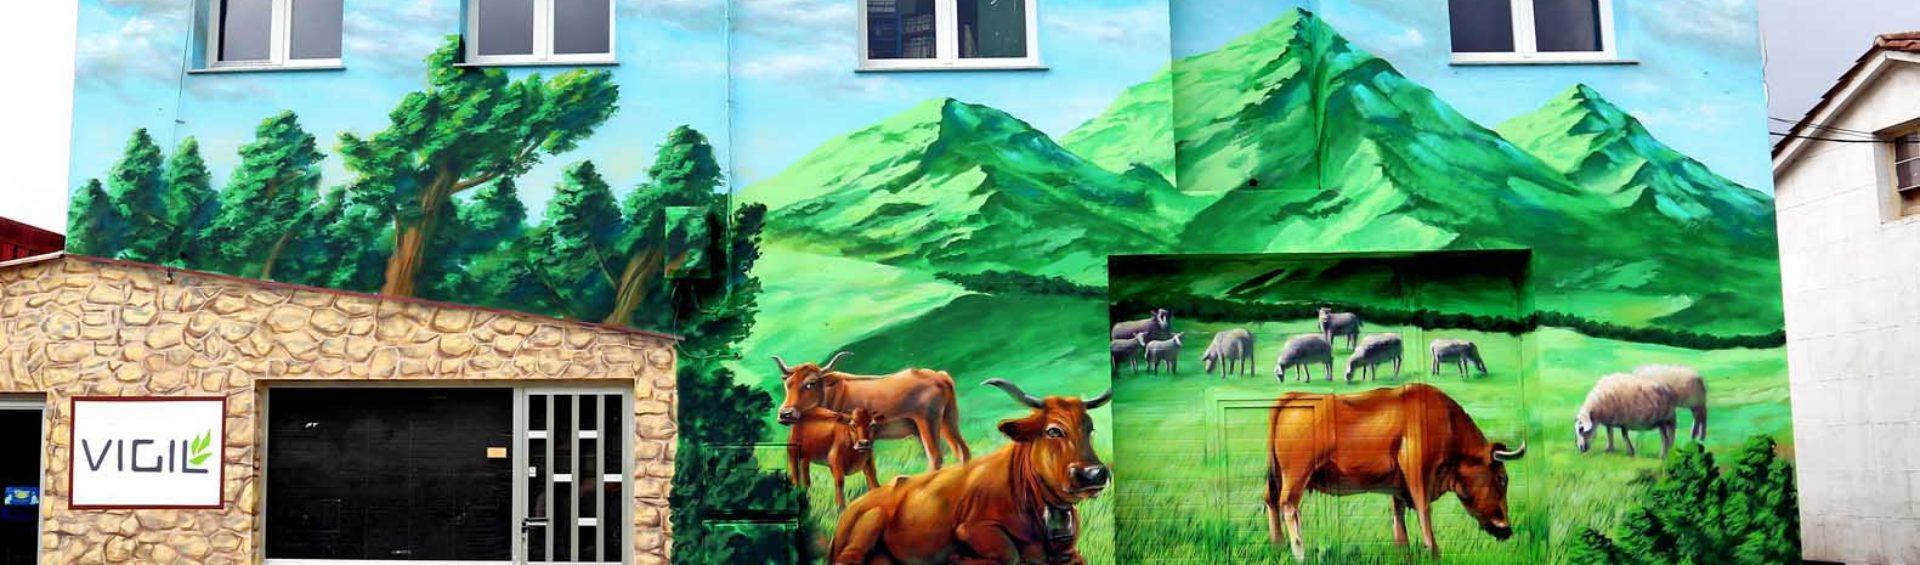 mural-exterior-piensos-vigil